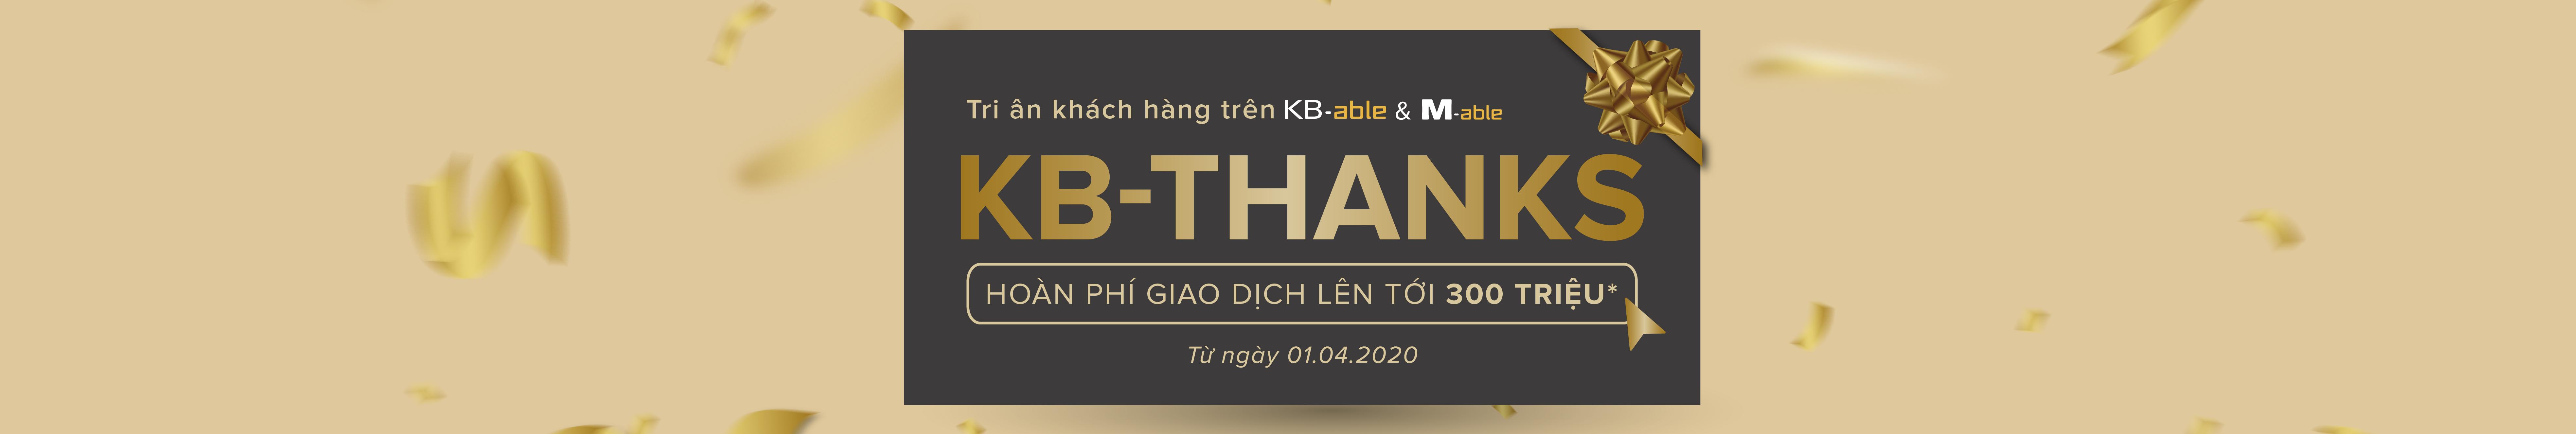 KB-Thanks VN